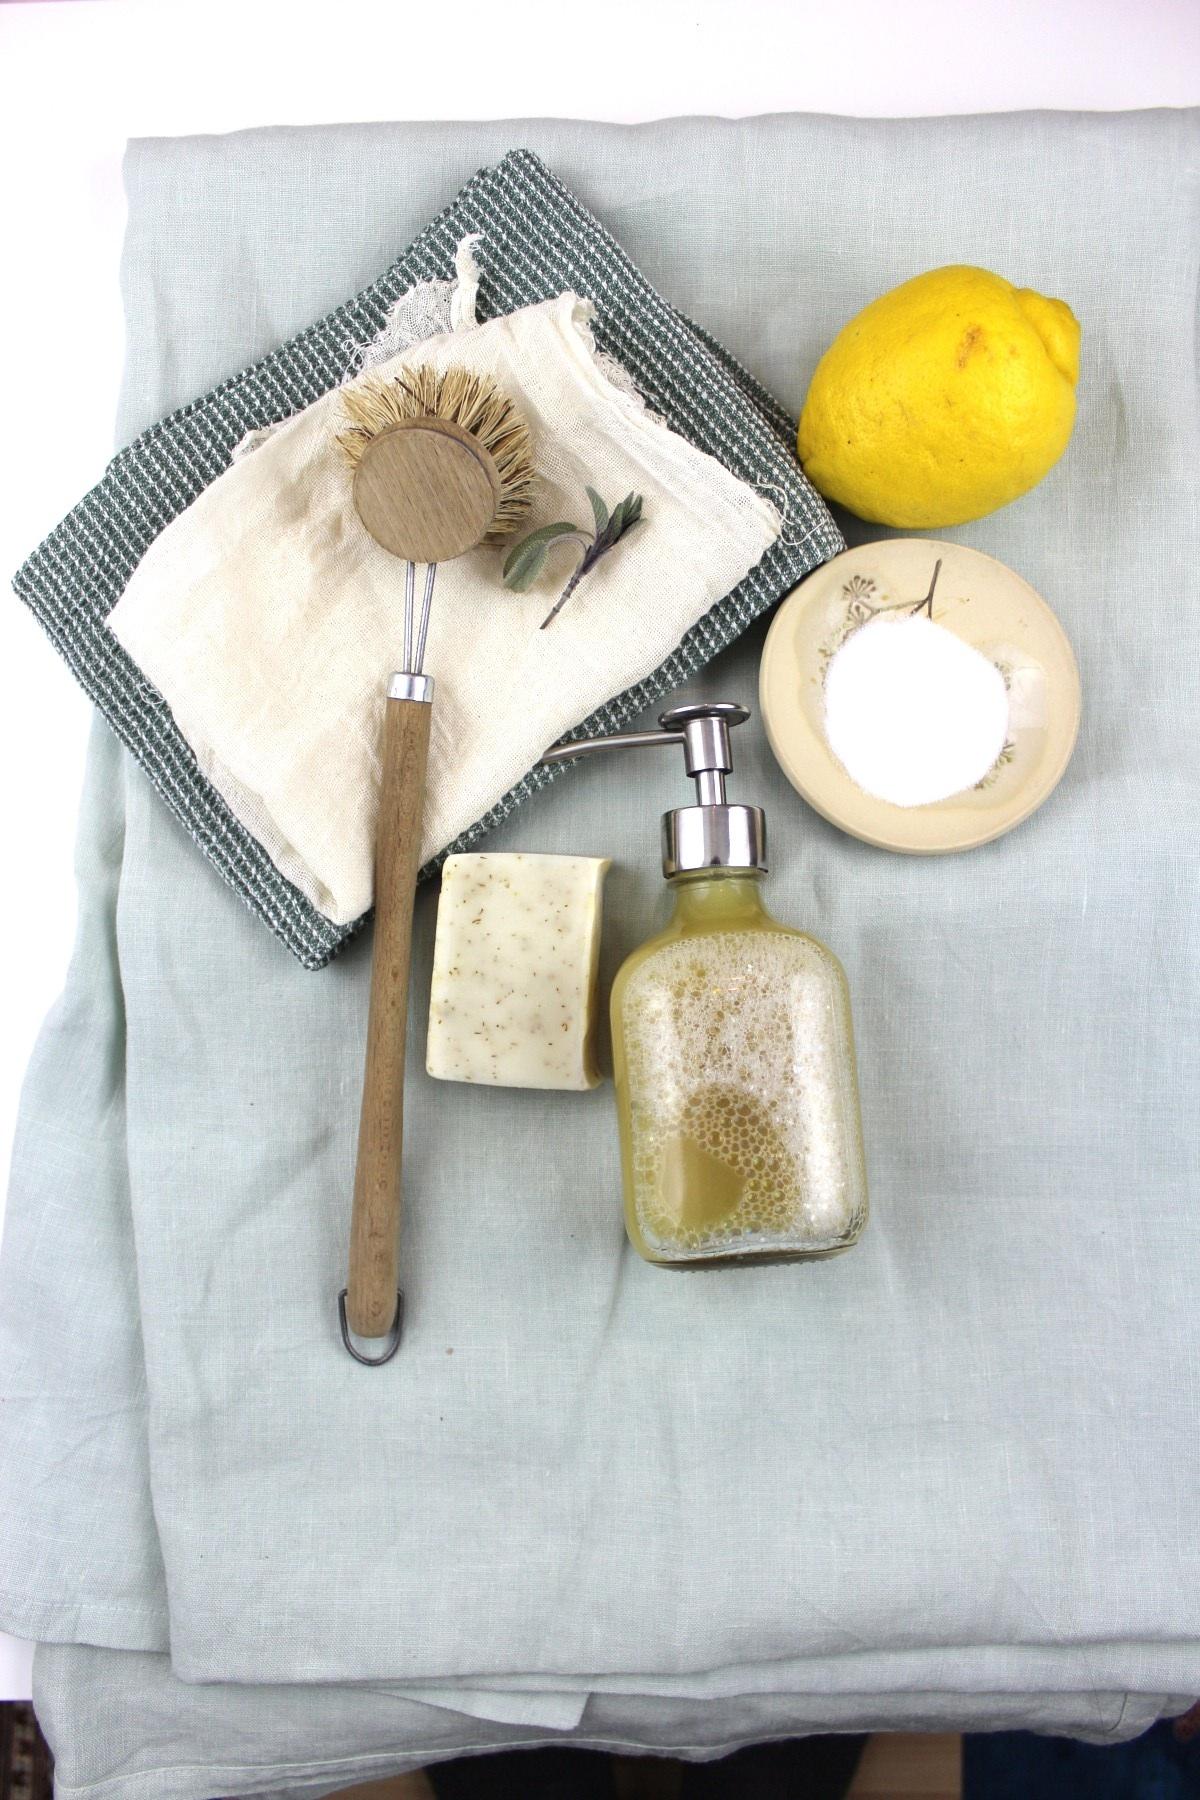 All in. - Im Tagesworkshop kreierst du deine ganz individuellen Reinigungsmittel. Tüfteln, zusammenmixen, feintunen mit dem passenden Duft. Das Grundrezept ist gegeben und das Handout all den Rezepten sowie Tipps & Tricks kannst du anschliessend mit nach Hause nehmen. Jeder hat zum Schluss seine Basic-Ausstattung an allen natürlichen Reinigungsmitteln, die er oder sie im Alltag braucht - und das in zeitlos und immer wieder befüllbaren Behältern. Keep it clean & simple!